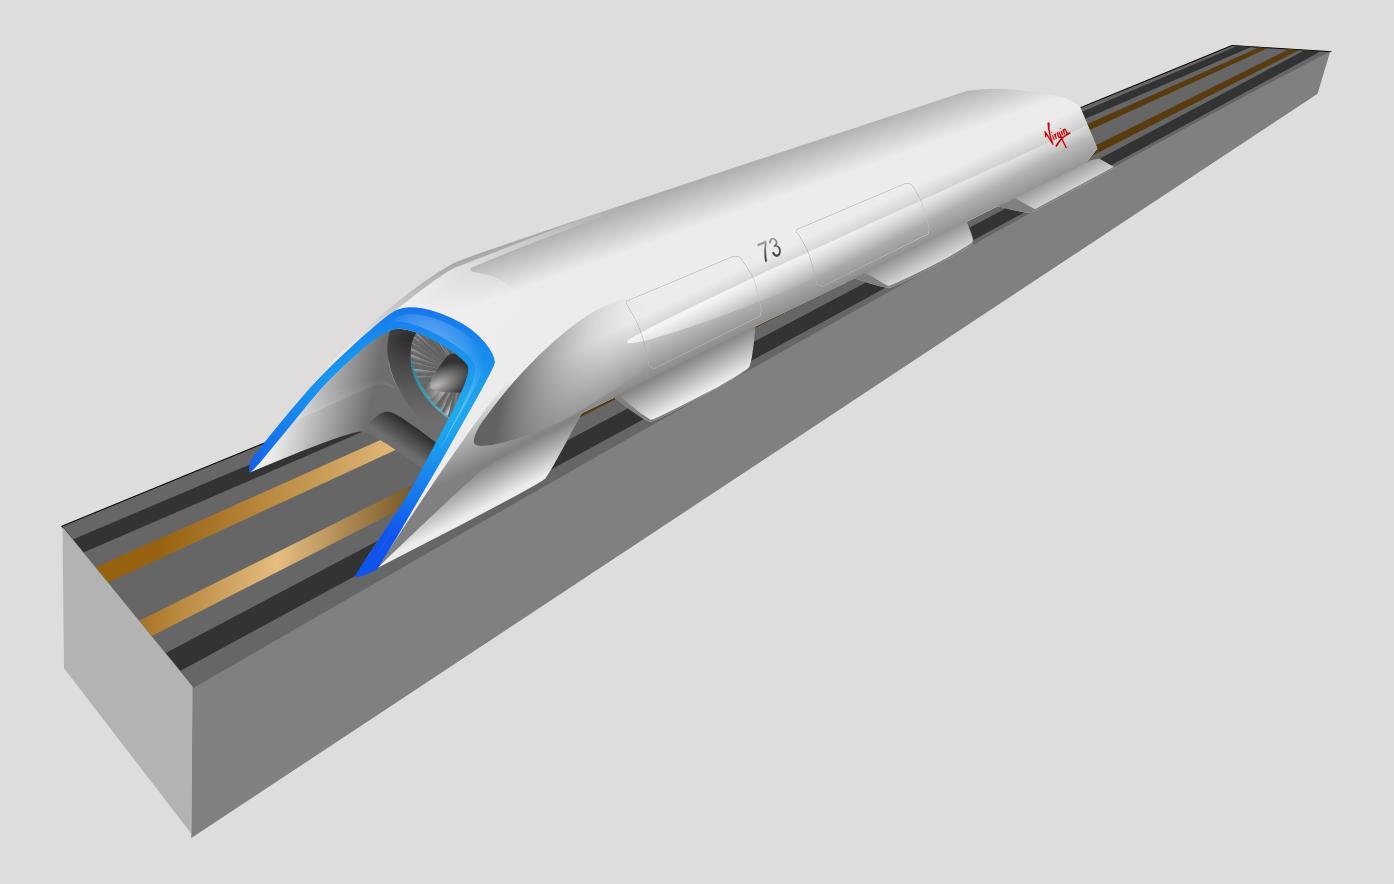 Hyperloop: Fremtidens transportsystem?